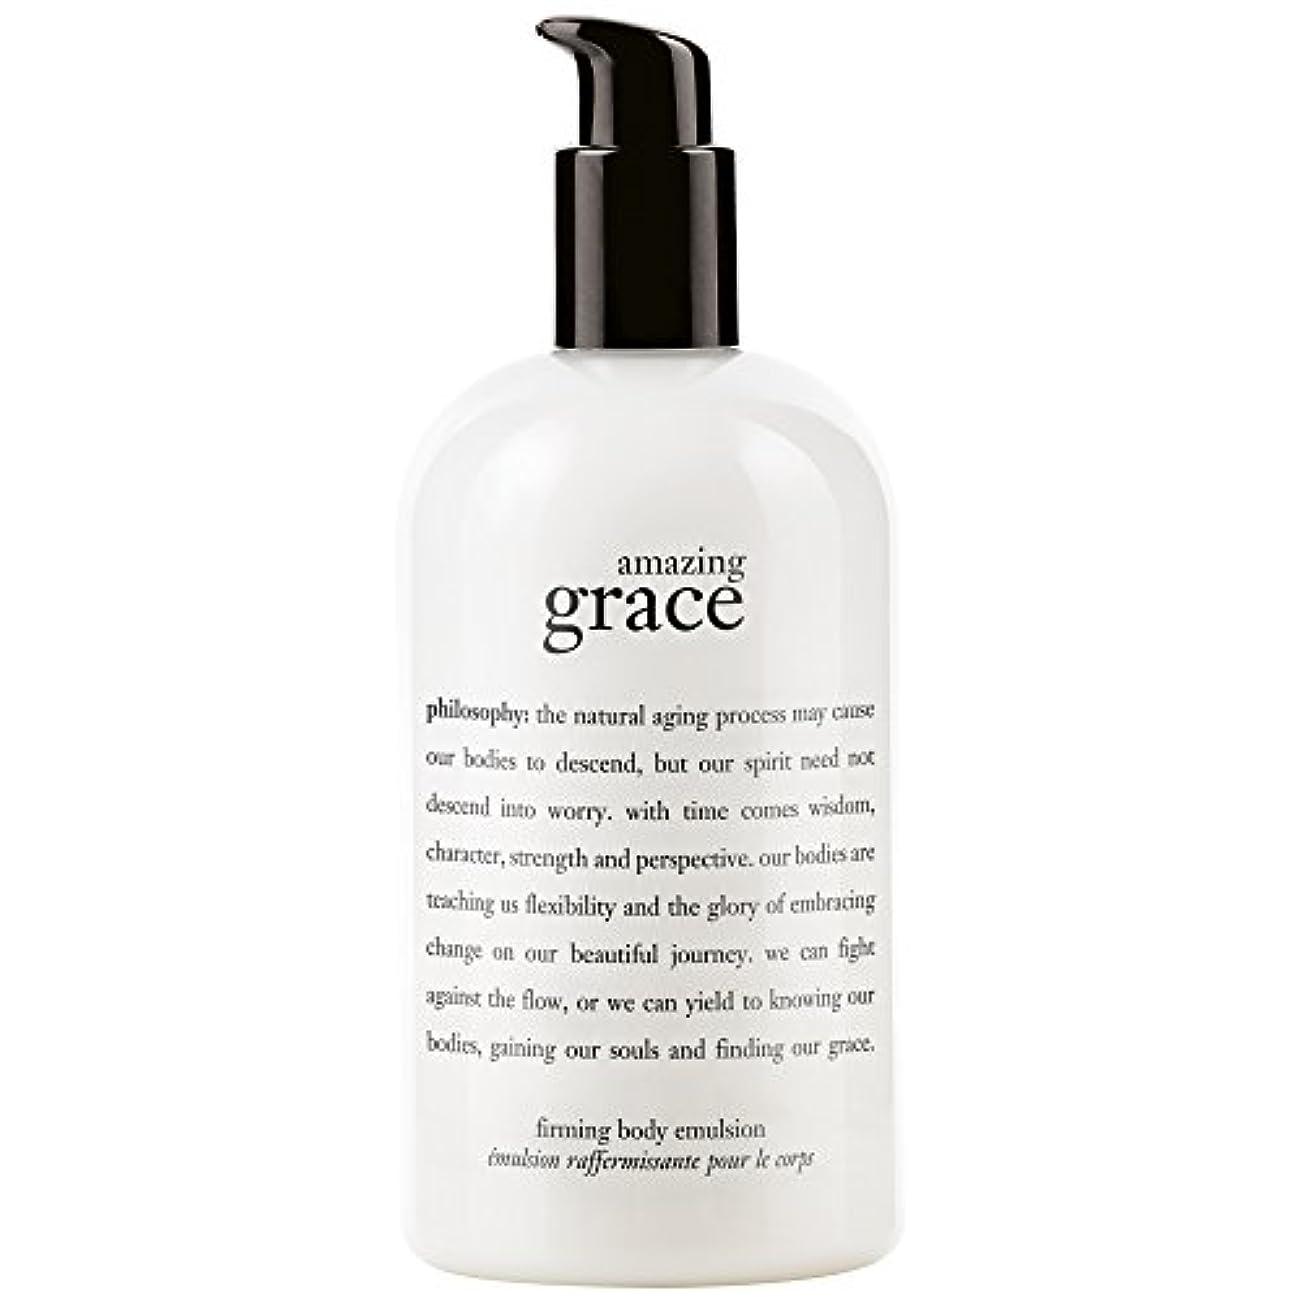 スワップ無視できるする必要がある哲学驚くべき恵み引き締めボディエマルジョン480ミリリットル (Philosophy) (x6) - Philosophy Amazing Grace Firming Body Emulsion 480ml (Pack...